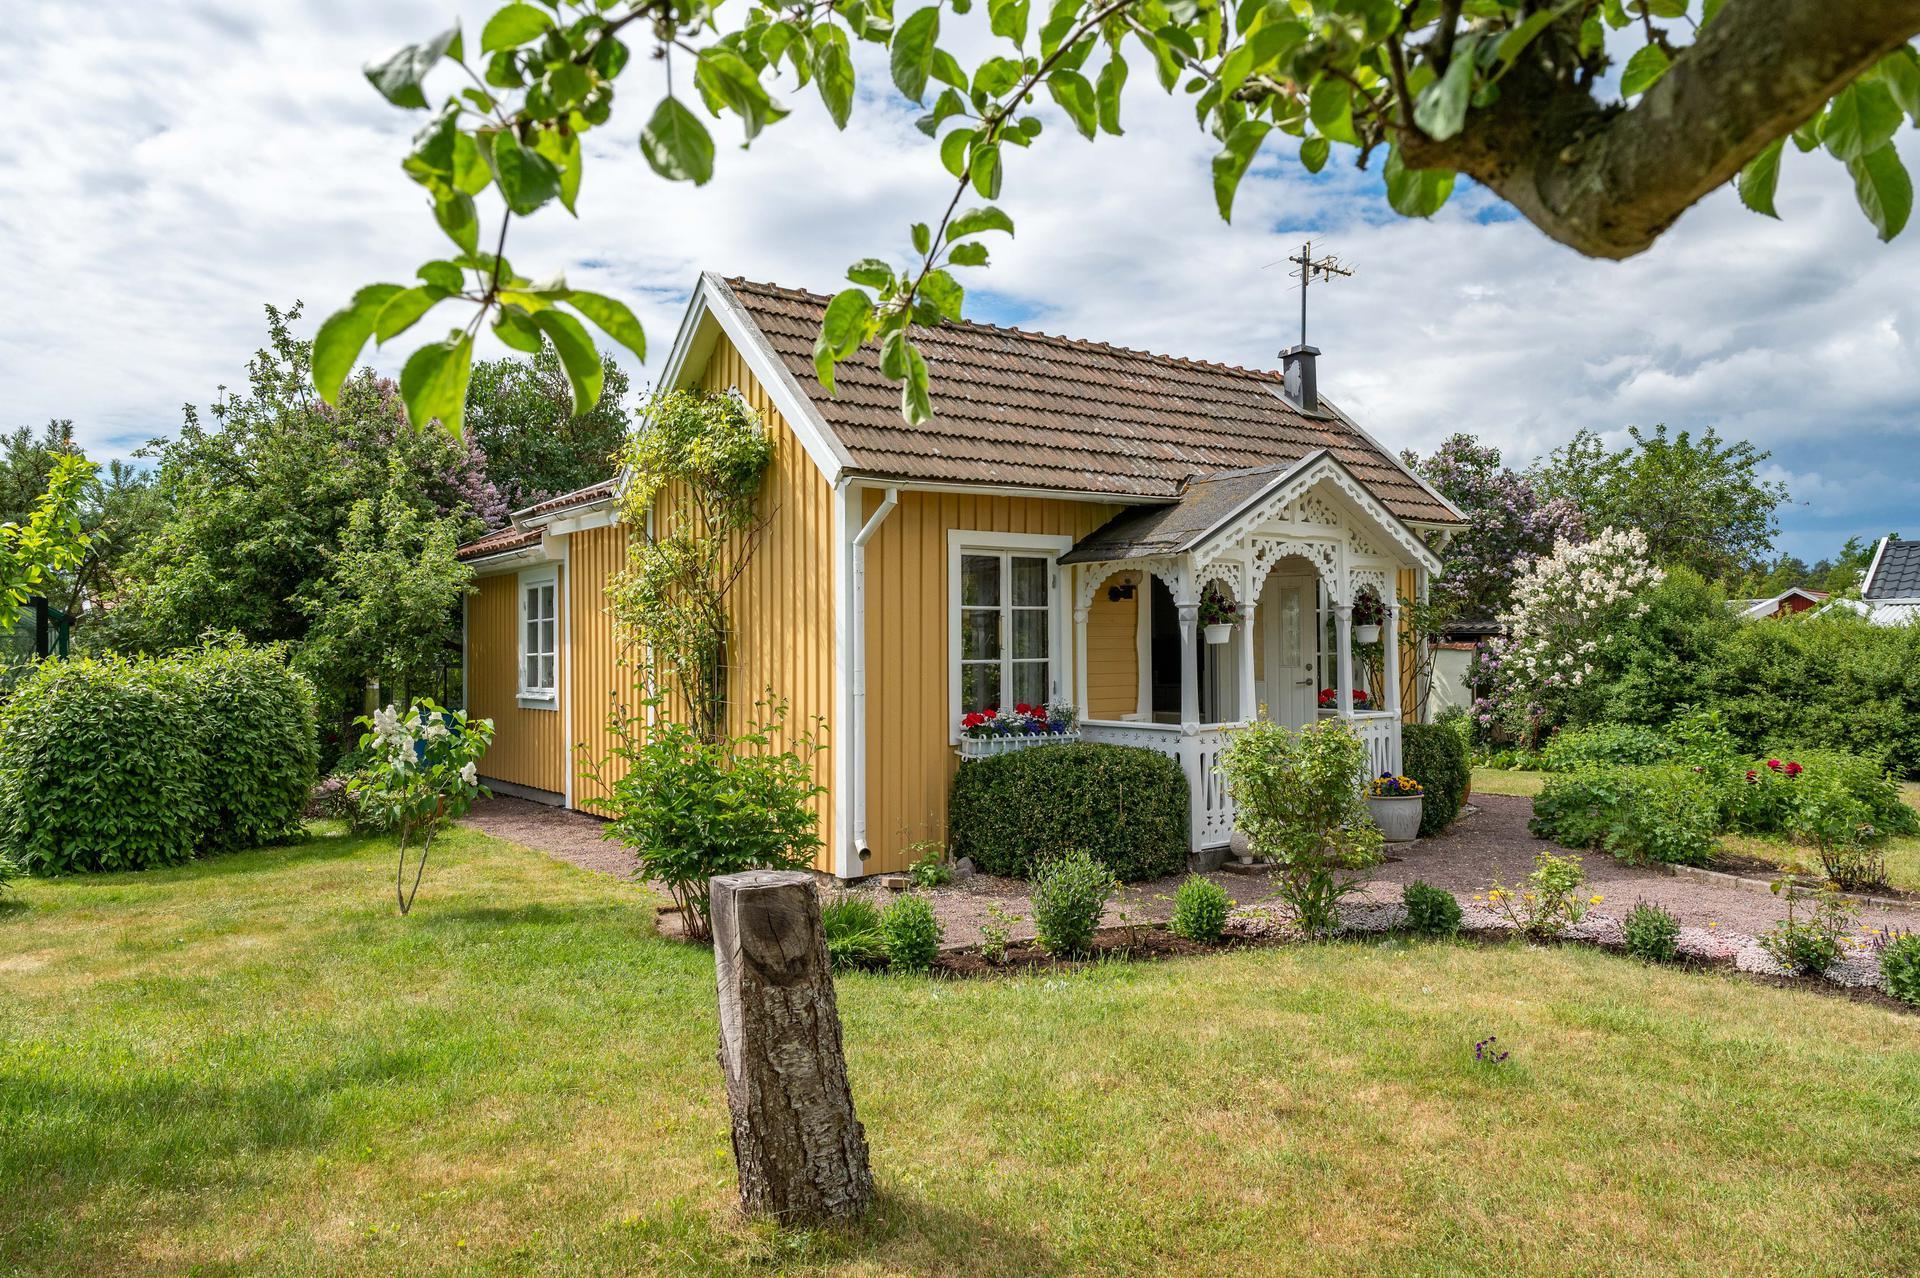 35 kvm hus med egen säng & toa på tomten